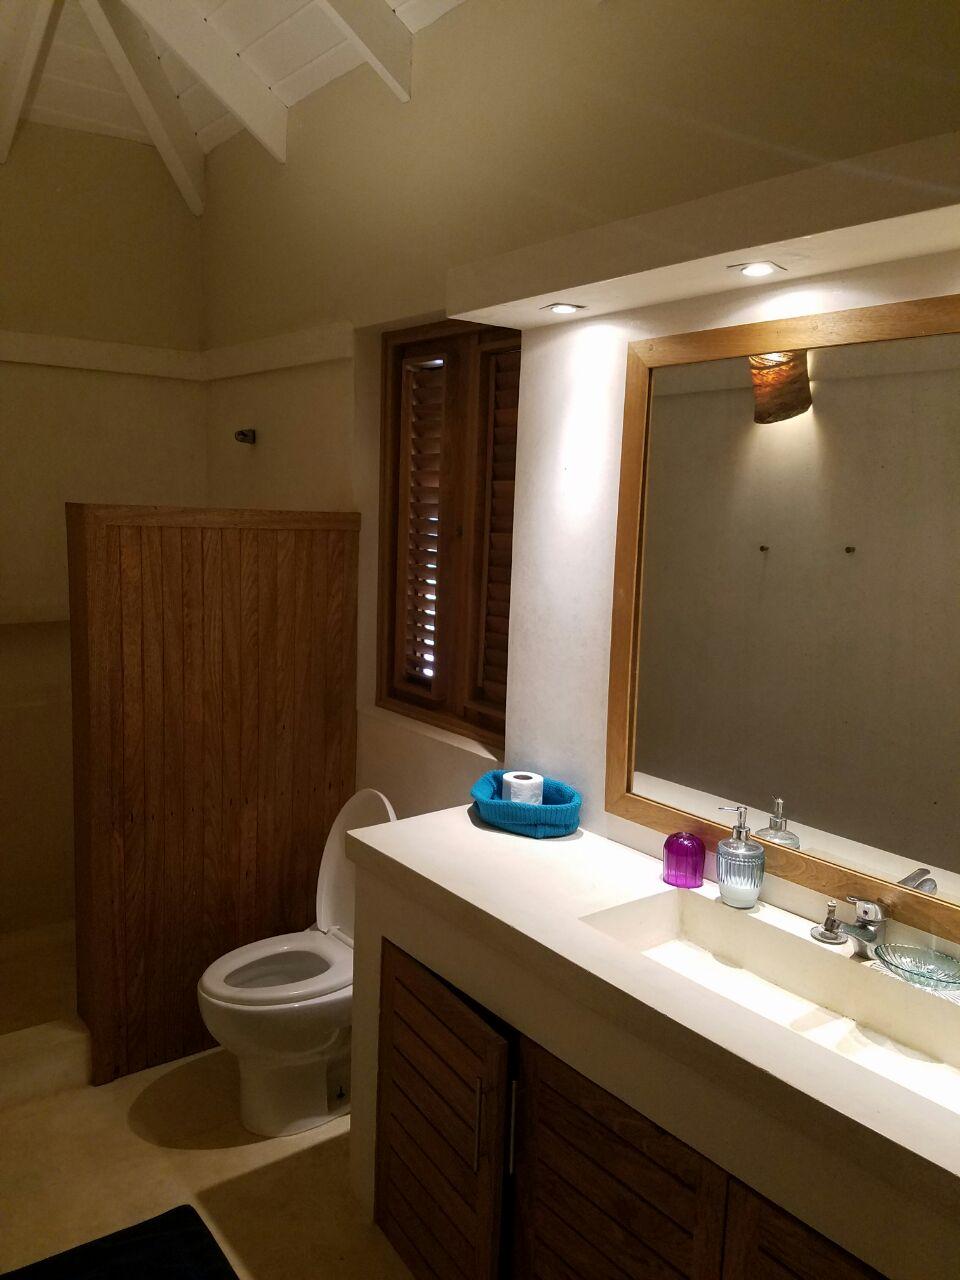 villa to build Las Terrenas bathroom 1.jpeg